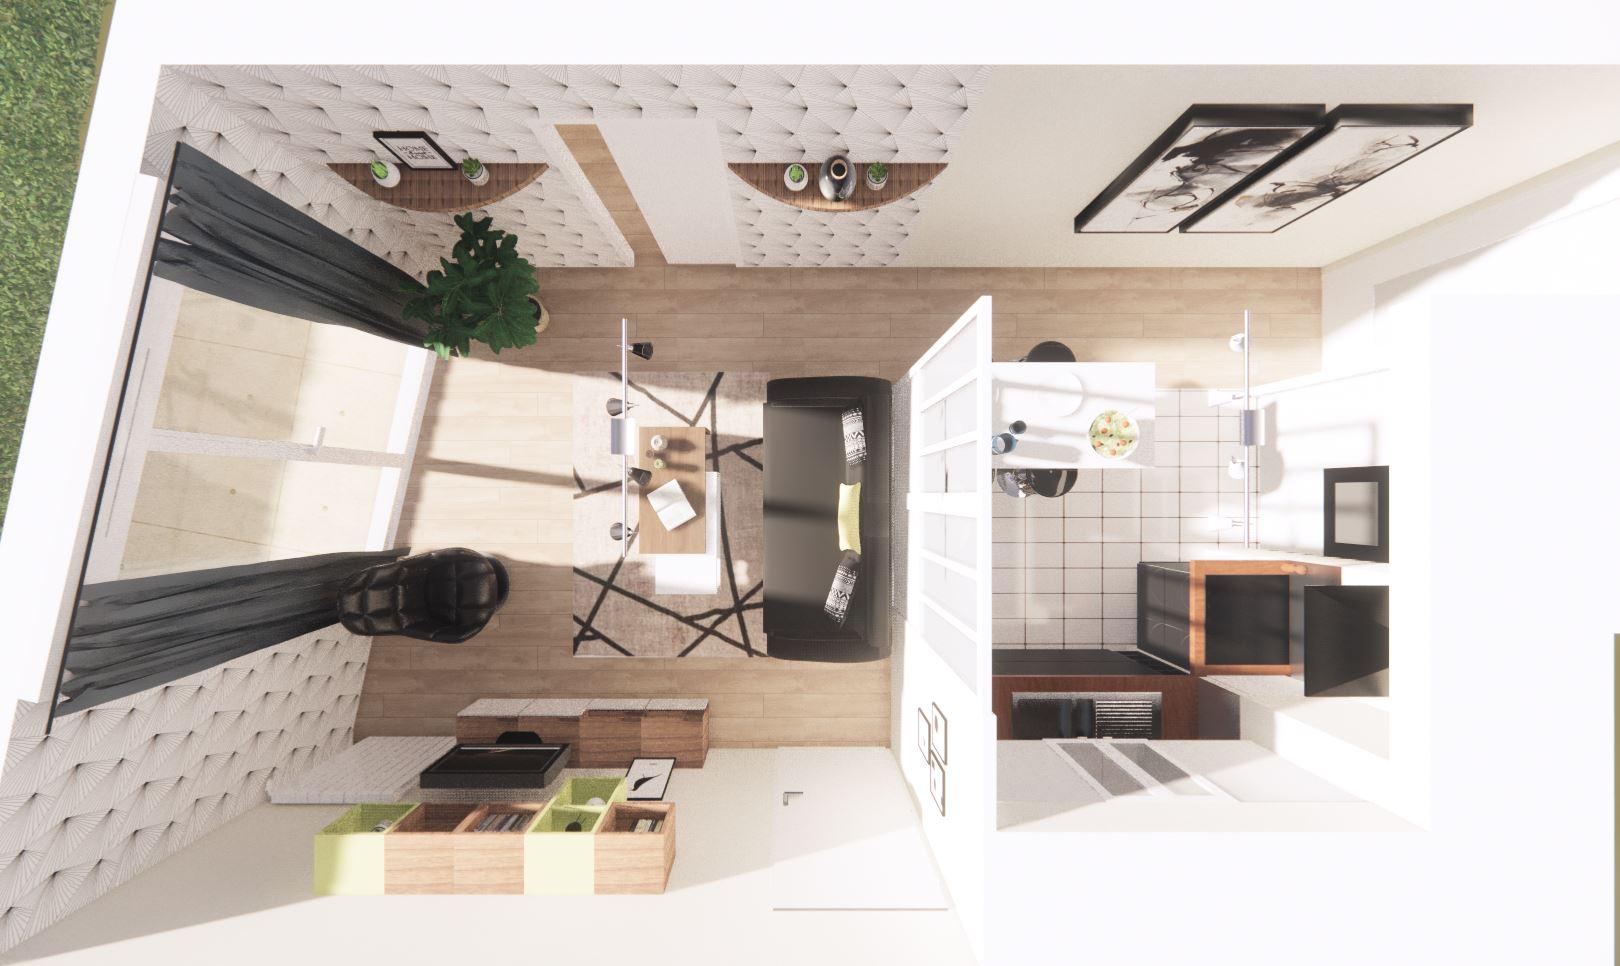 Projet de rénovation avec ce visuel 3D sur le séjour et la cuisine.